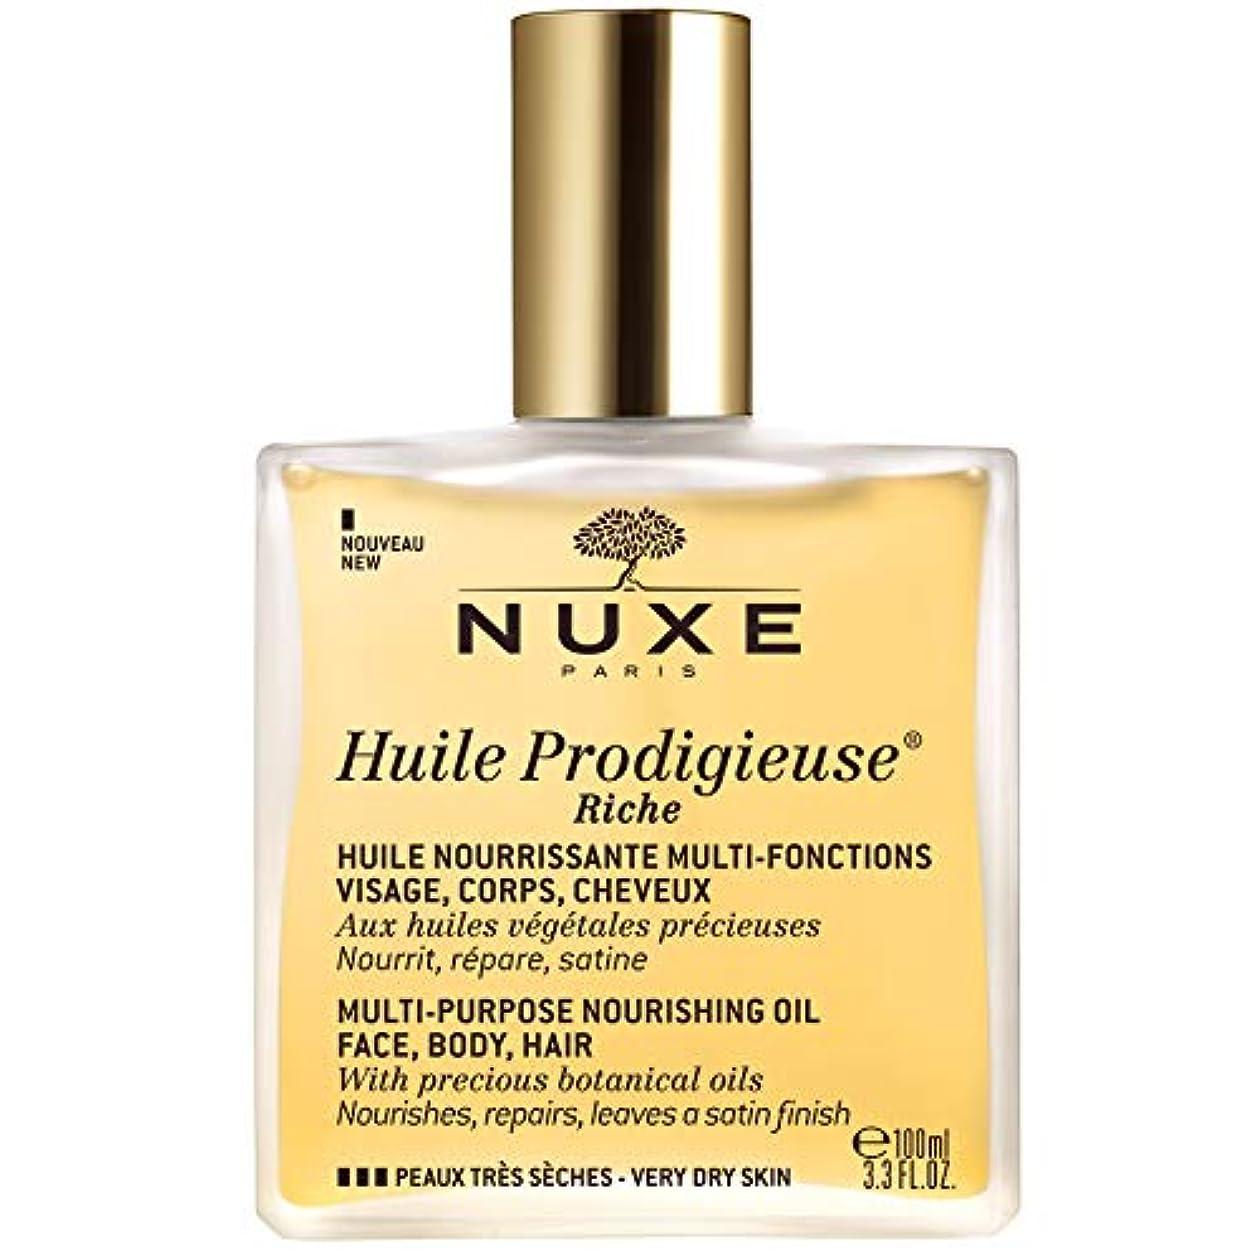 ニュクス(NUXE) 数量限定 プロディジューオイル リッチ 100mL 国内正規品